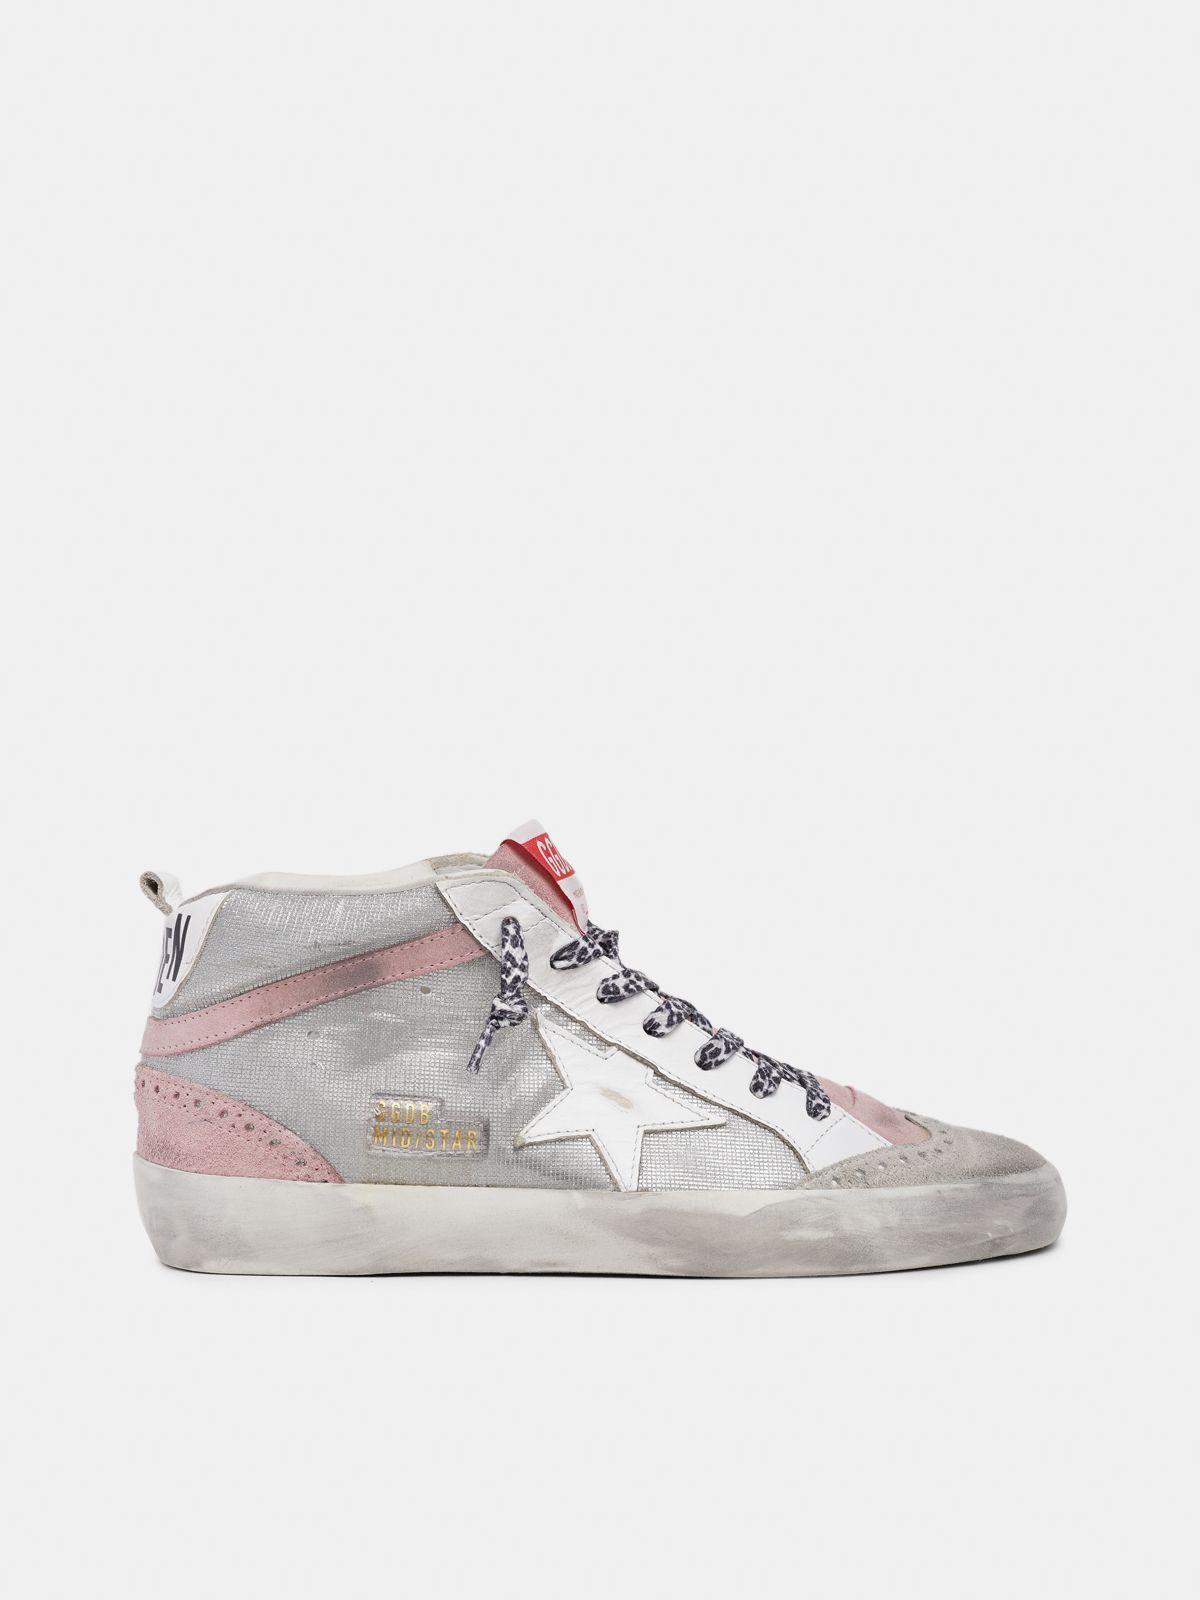 Sneakers Mid Star rosa e argento con glitter